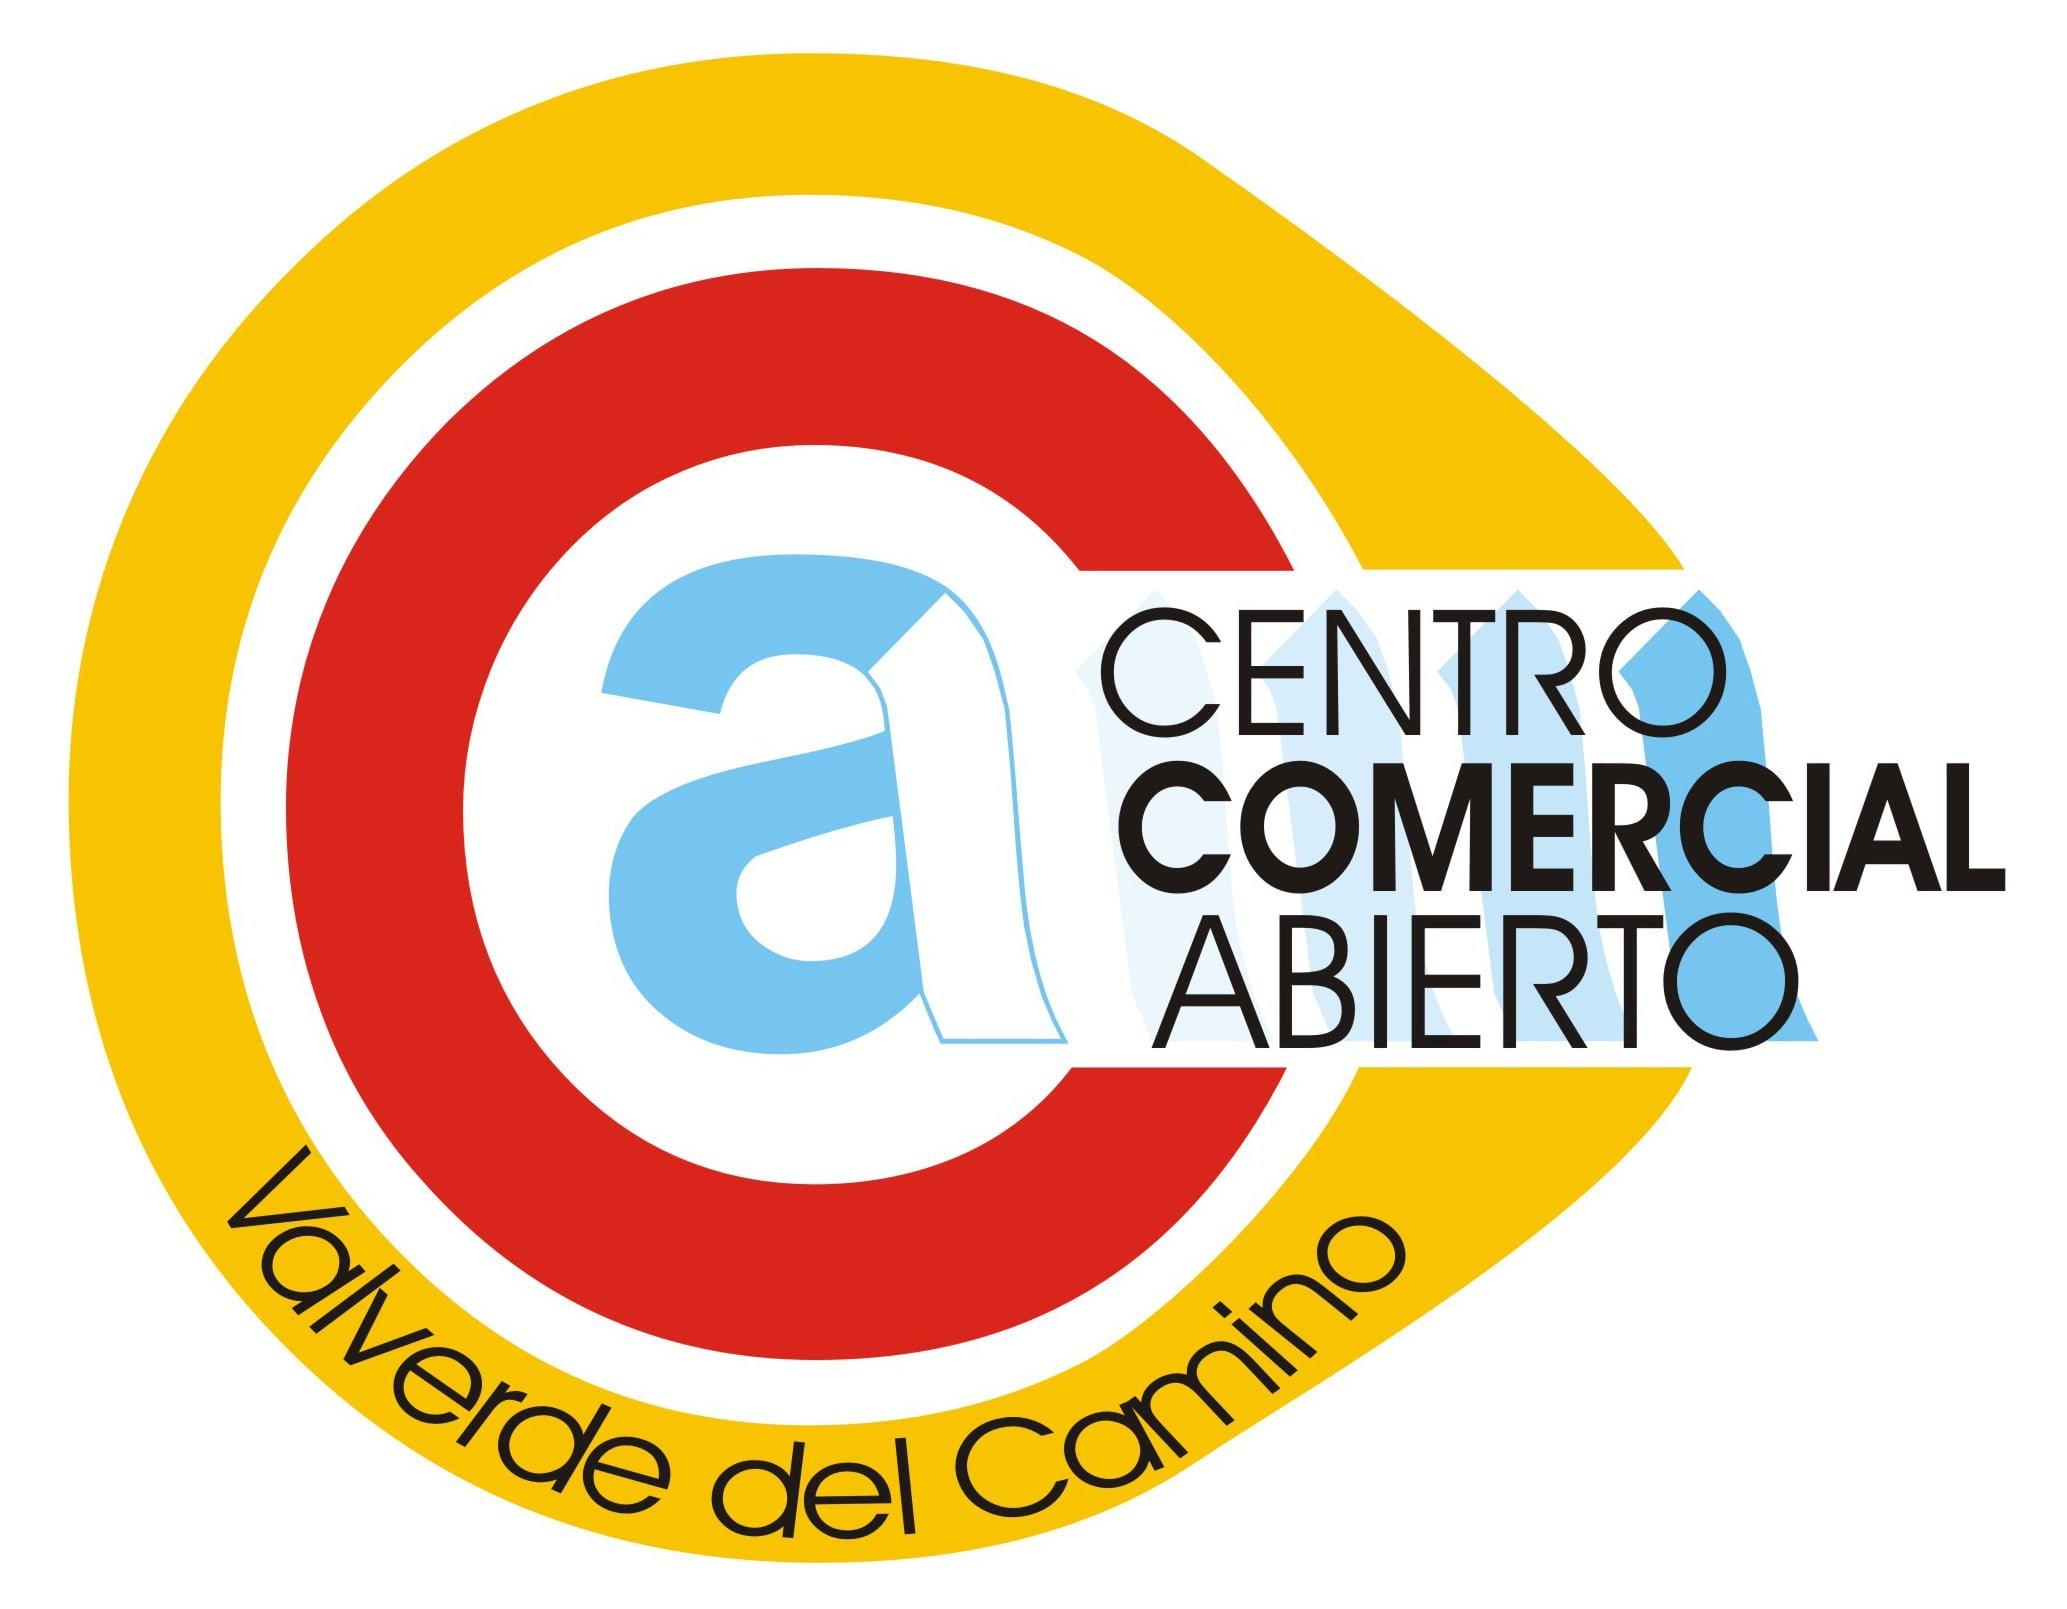 También se ha presentado el logo del Centro Comercial Abierto